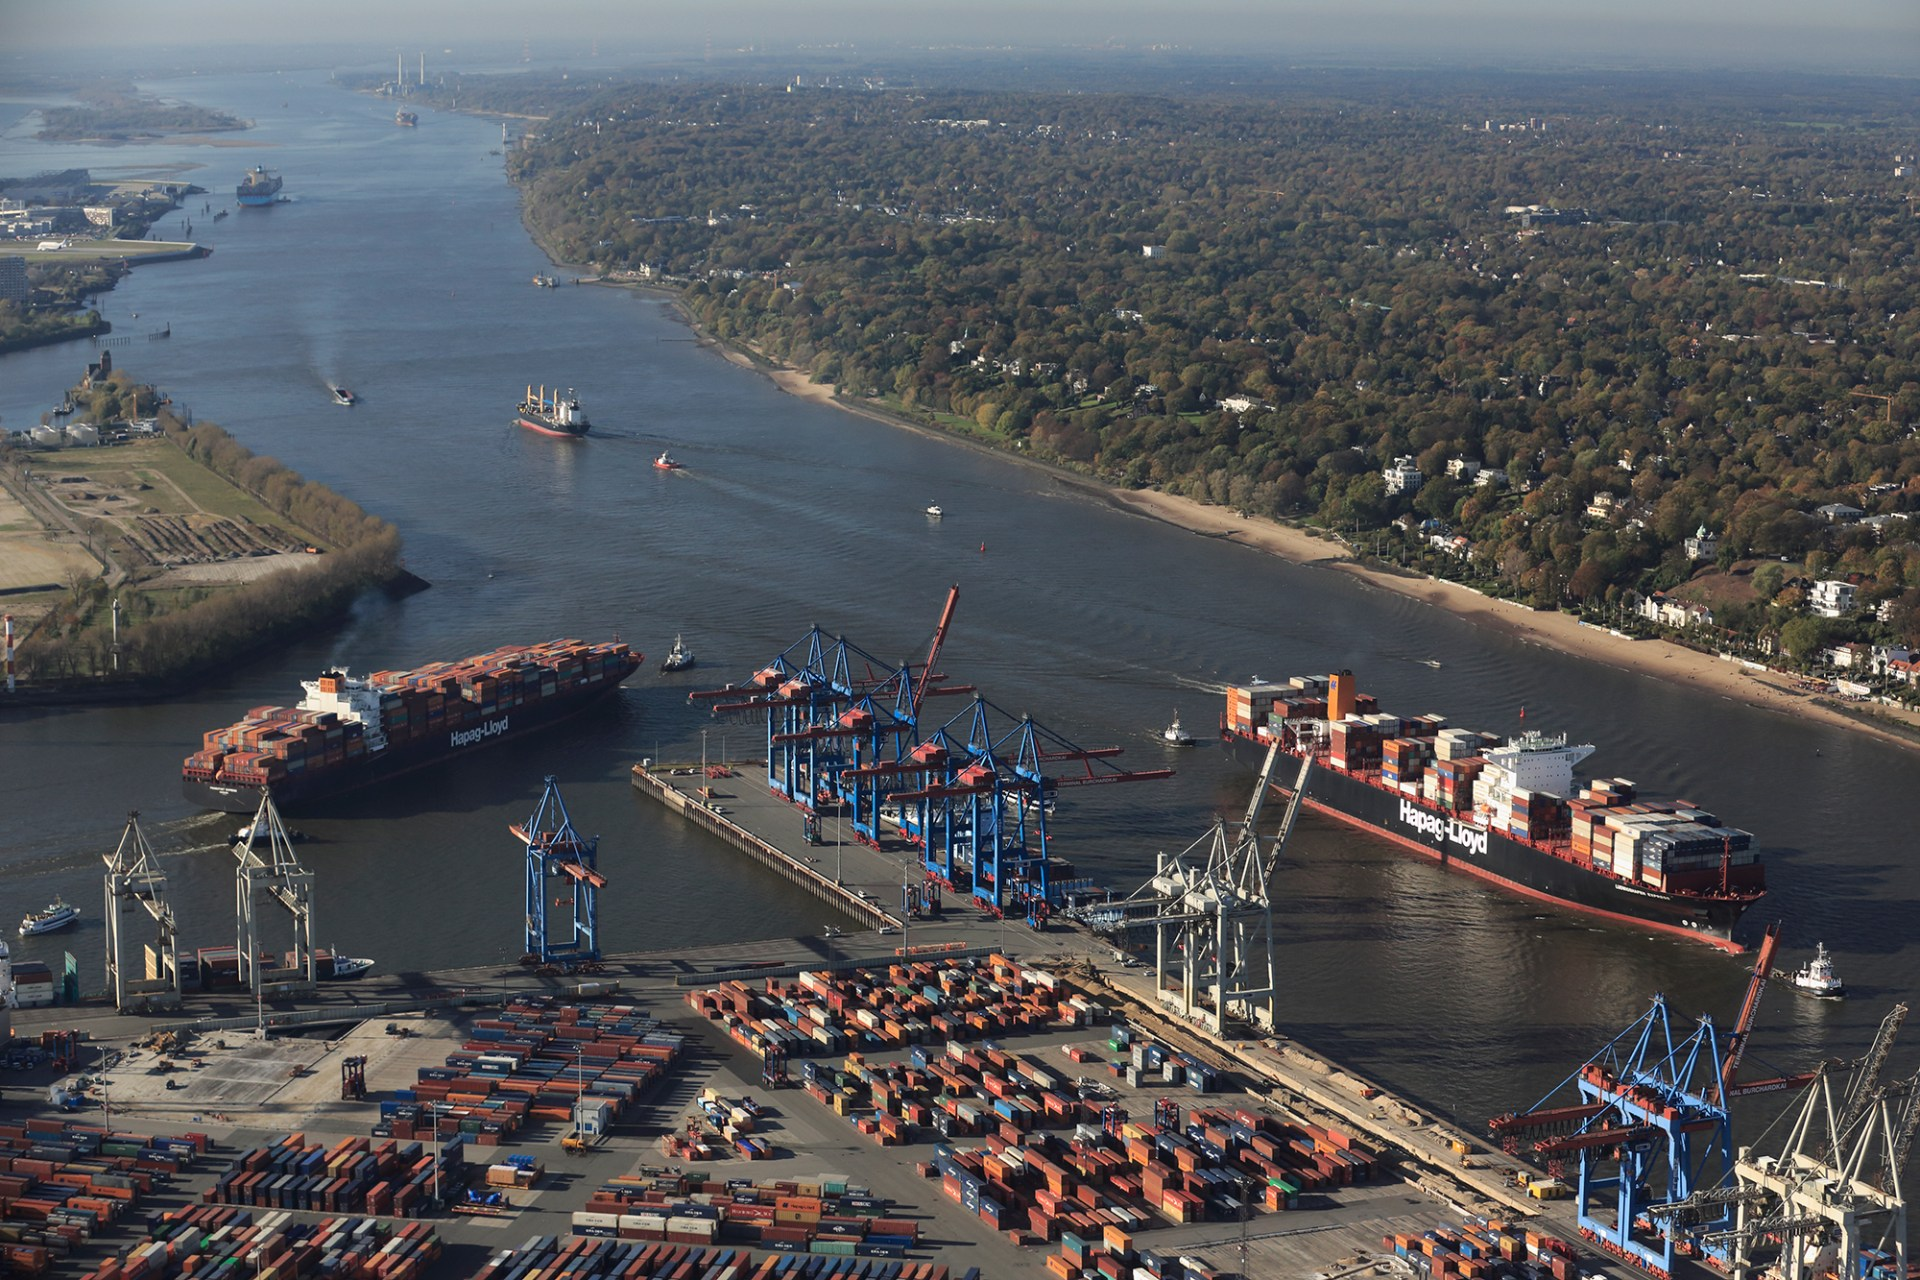 Waterways # 7: Port of Hamburg, Germany